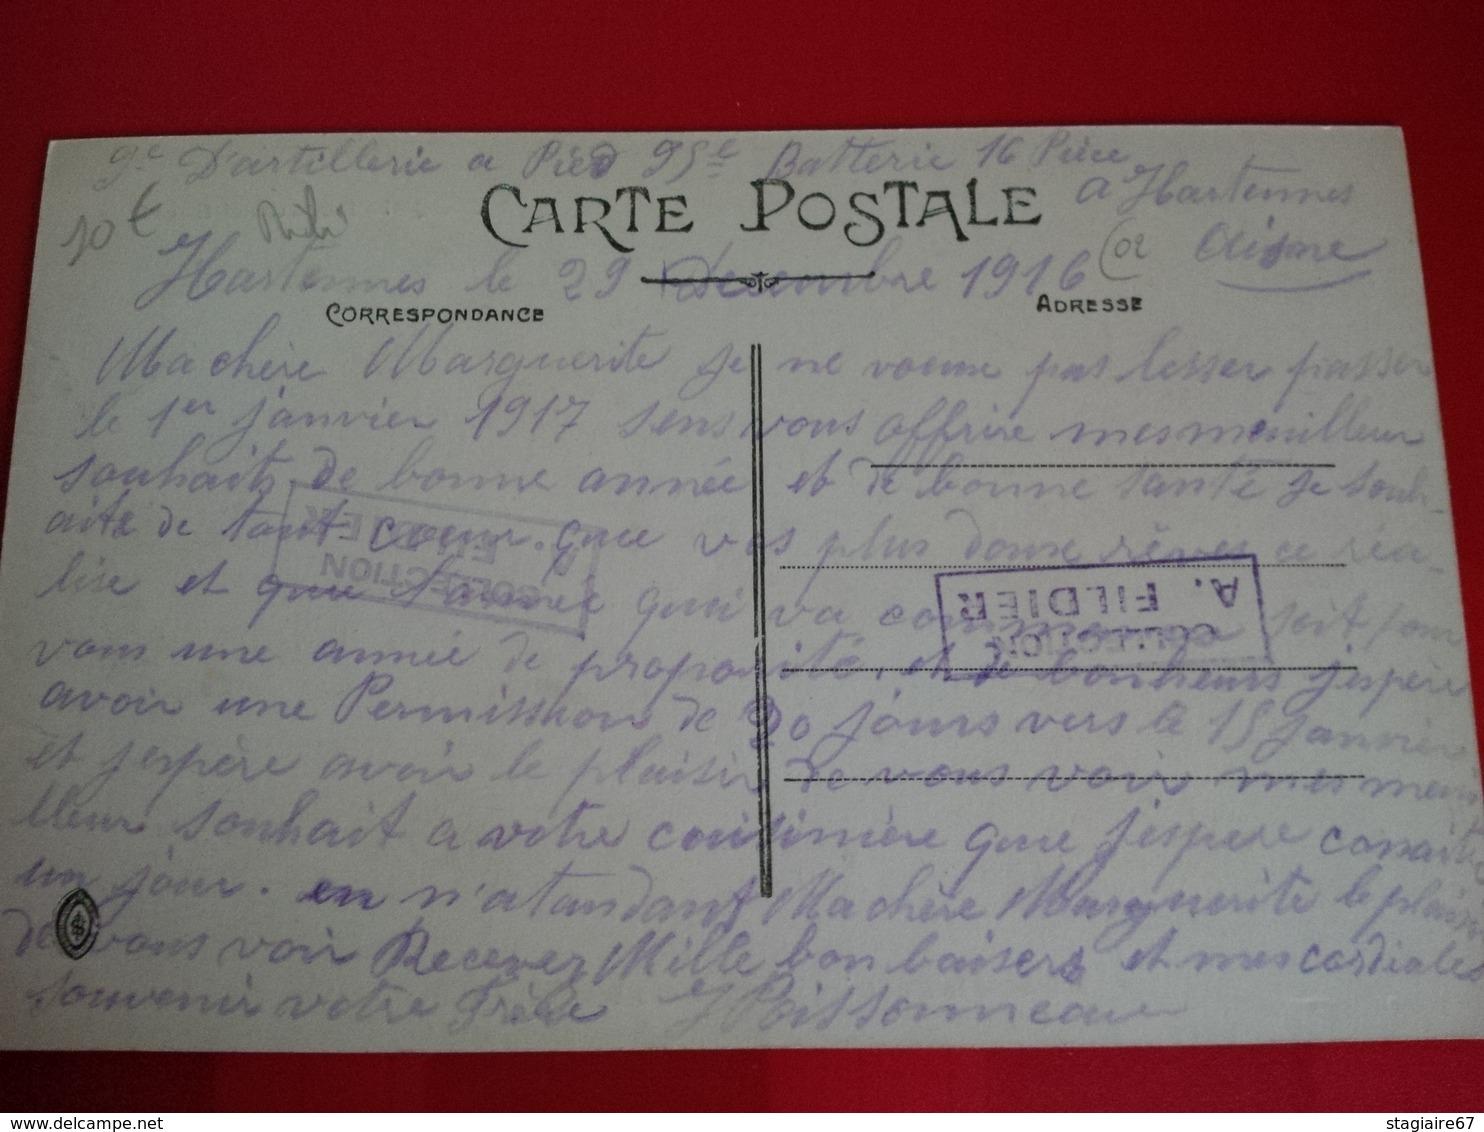 ARTILLERIE LOURDE FRANCAISE AVEC SES TRACTEURS CORRESPONDANCE MILITAIRE HARTENNES AISNE - Matériel